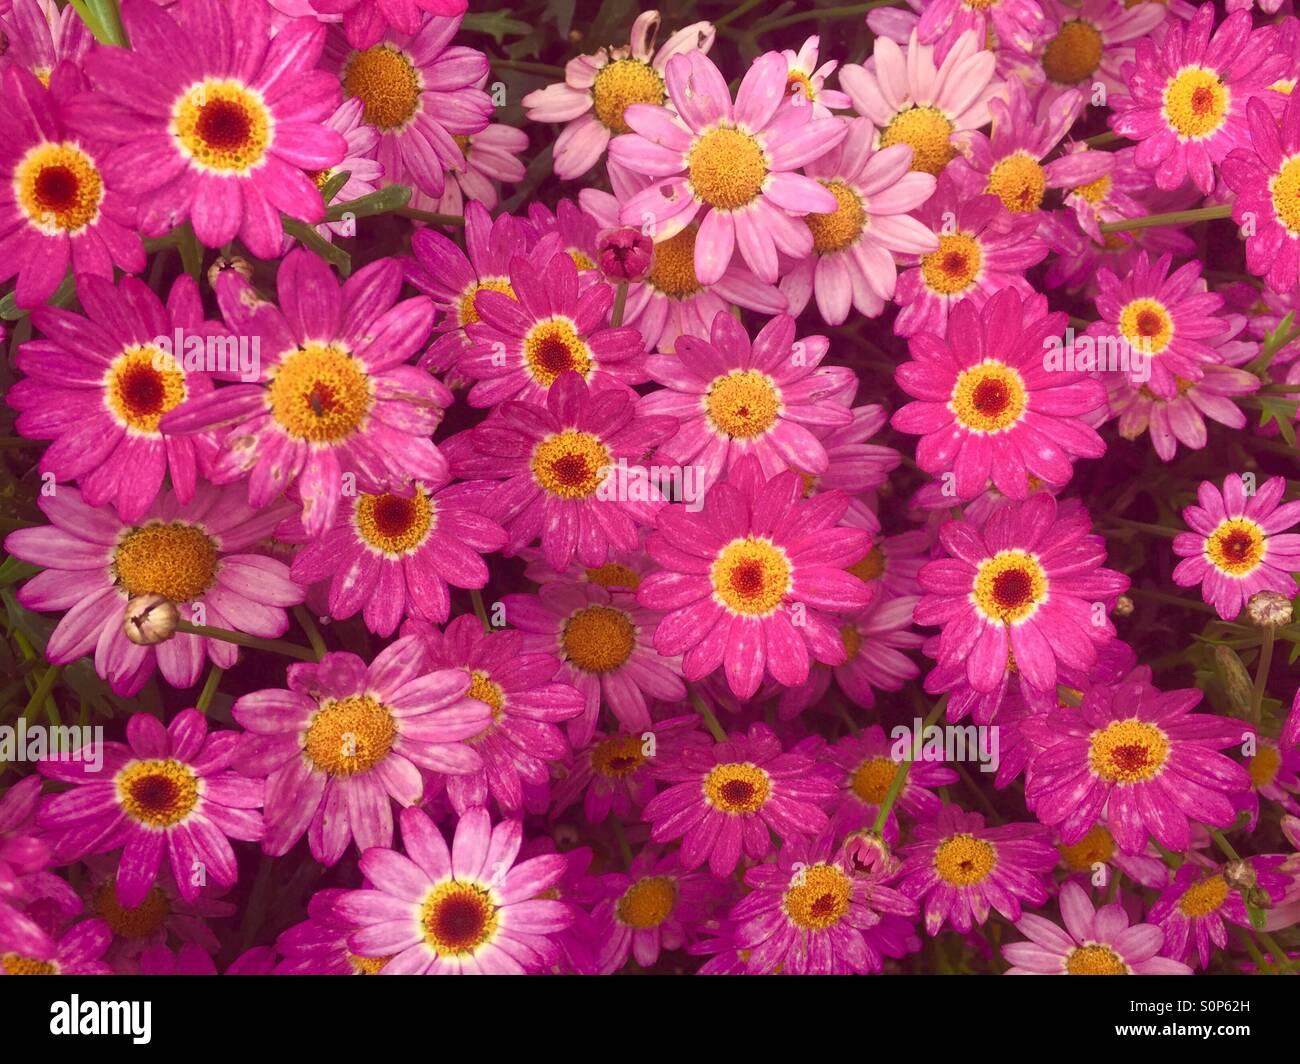 daisy rose Photo Stock